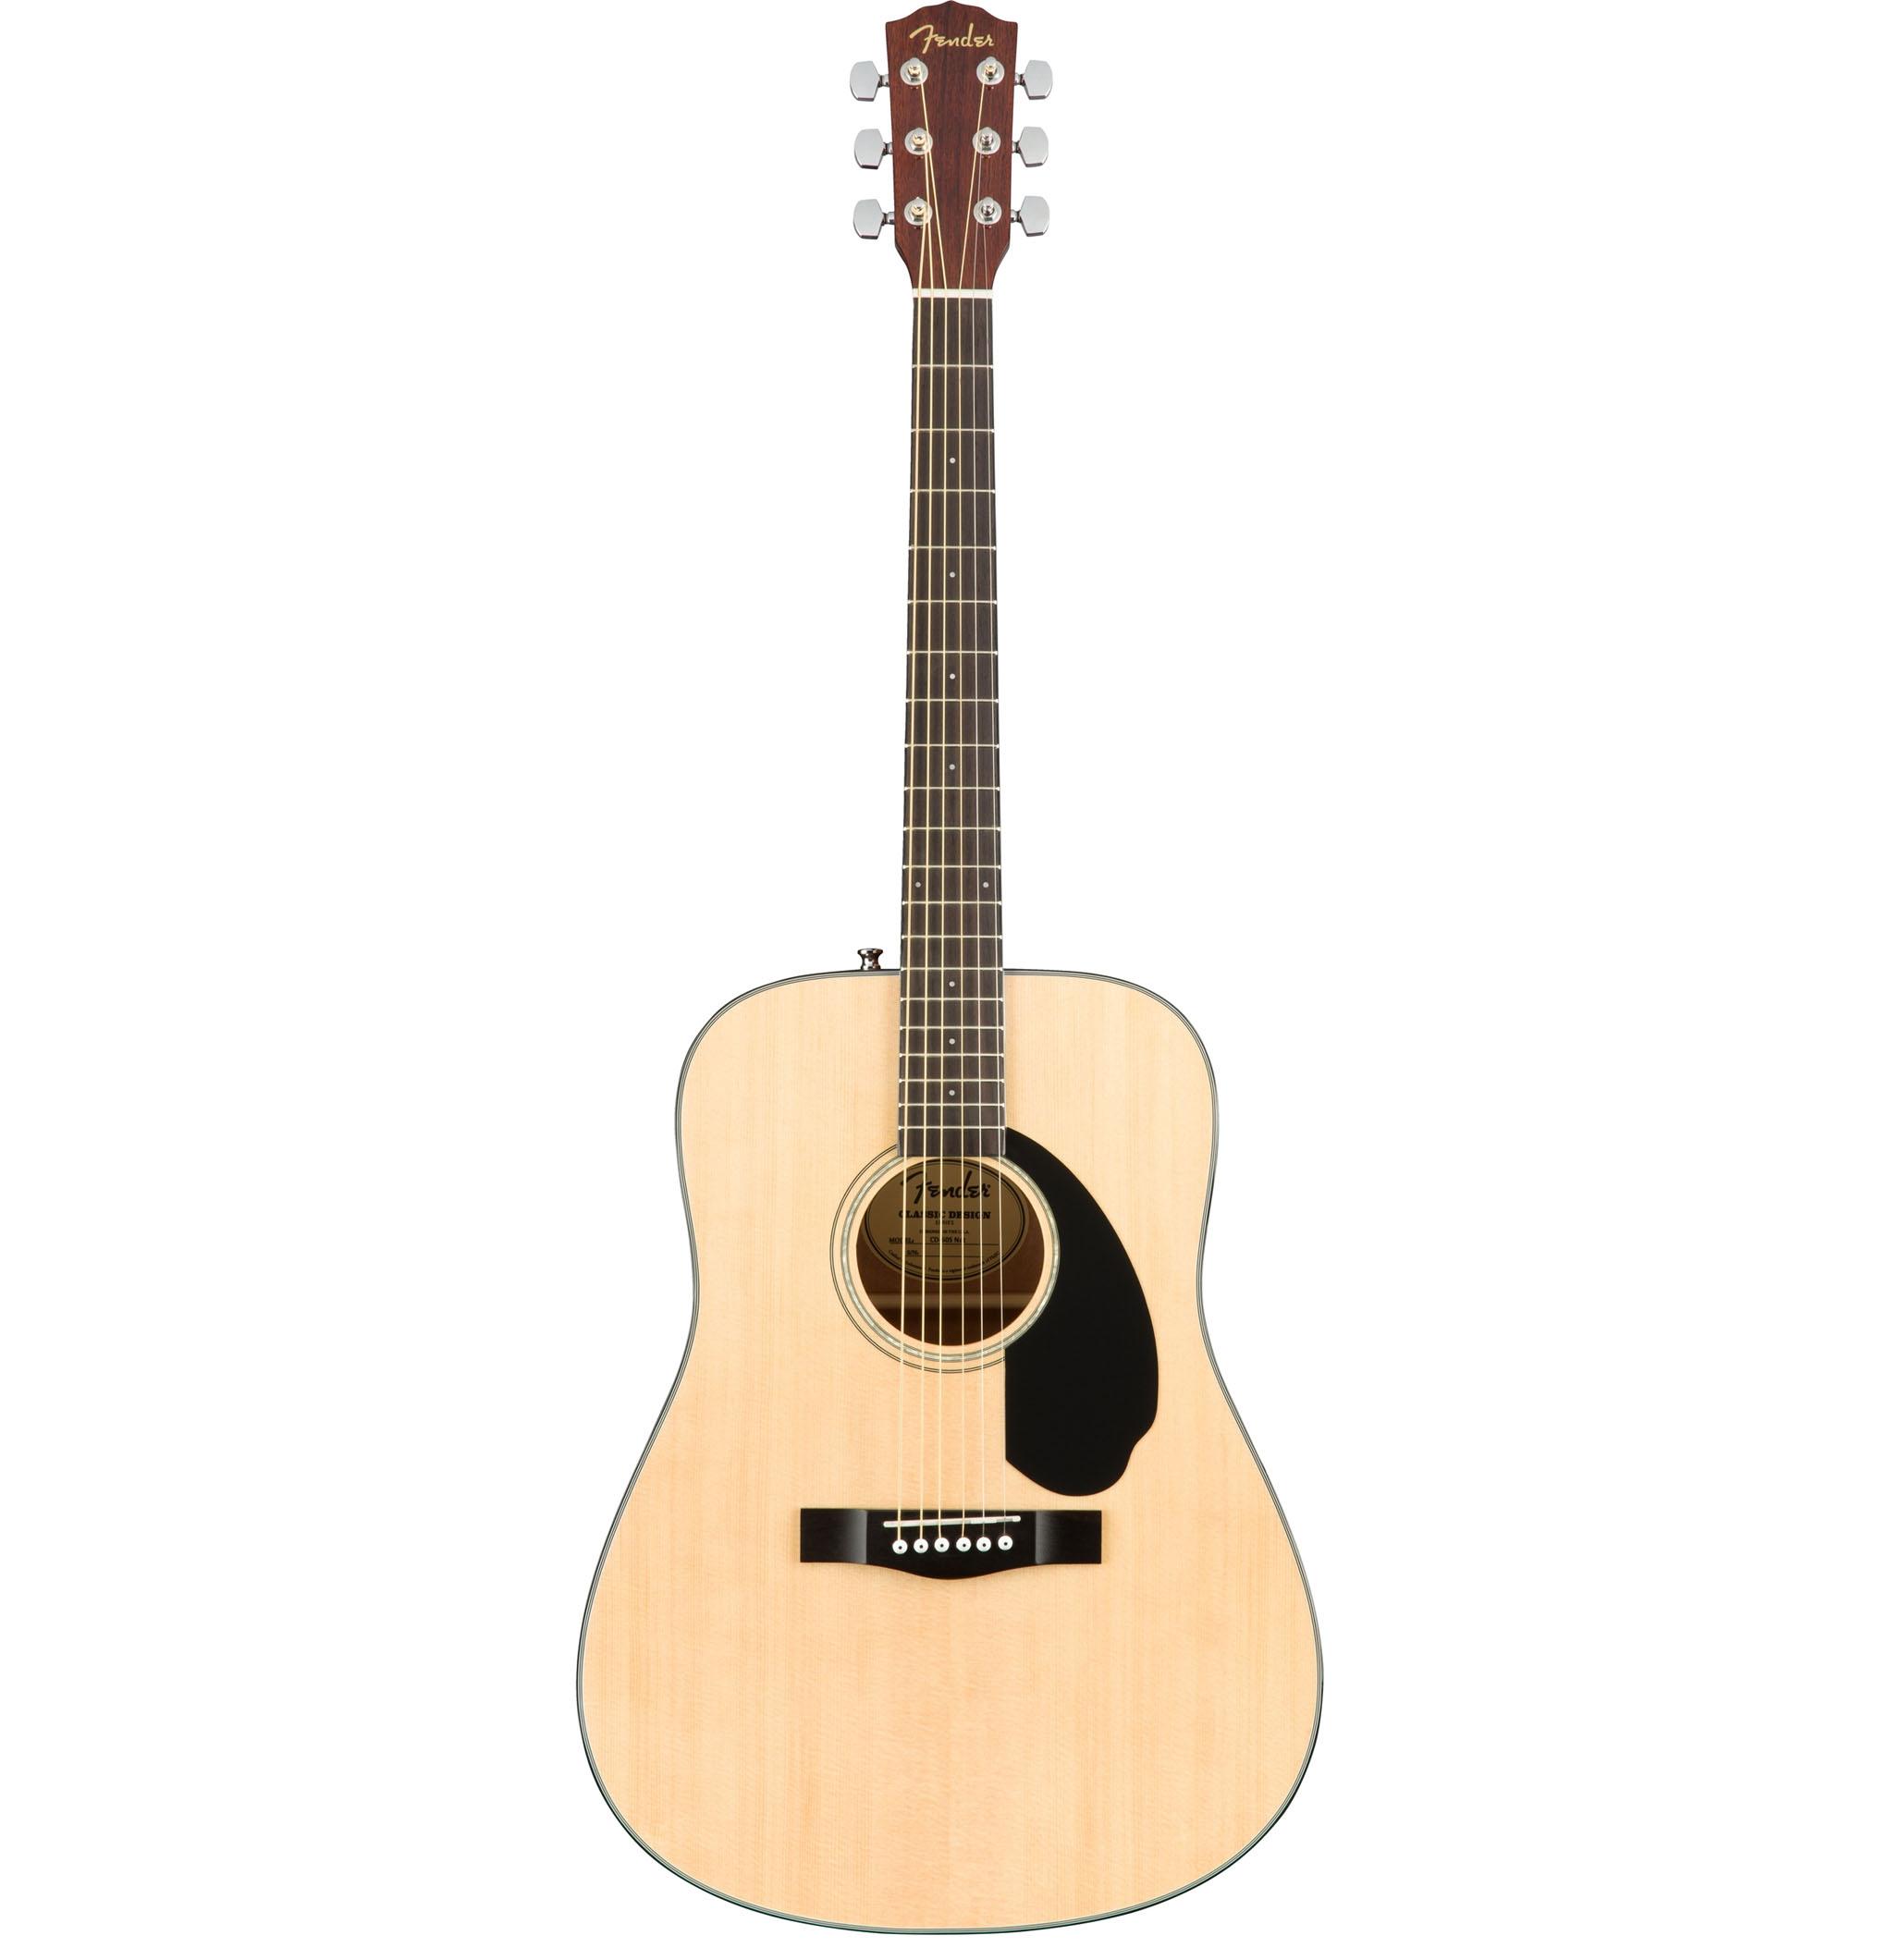 Đánh giá đàn guitar acoustic Fender CC-CD 60S series